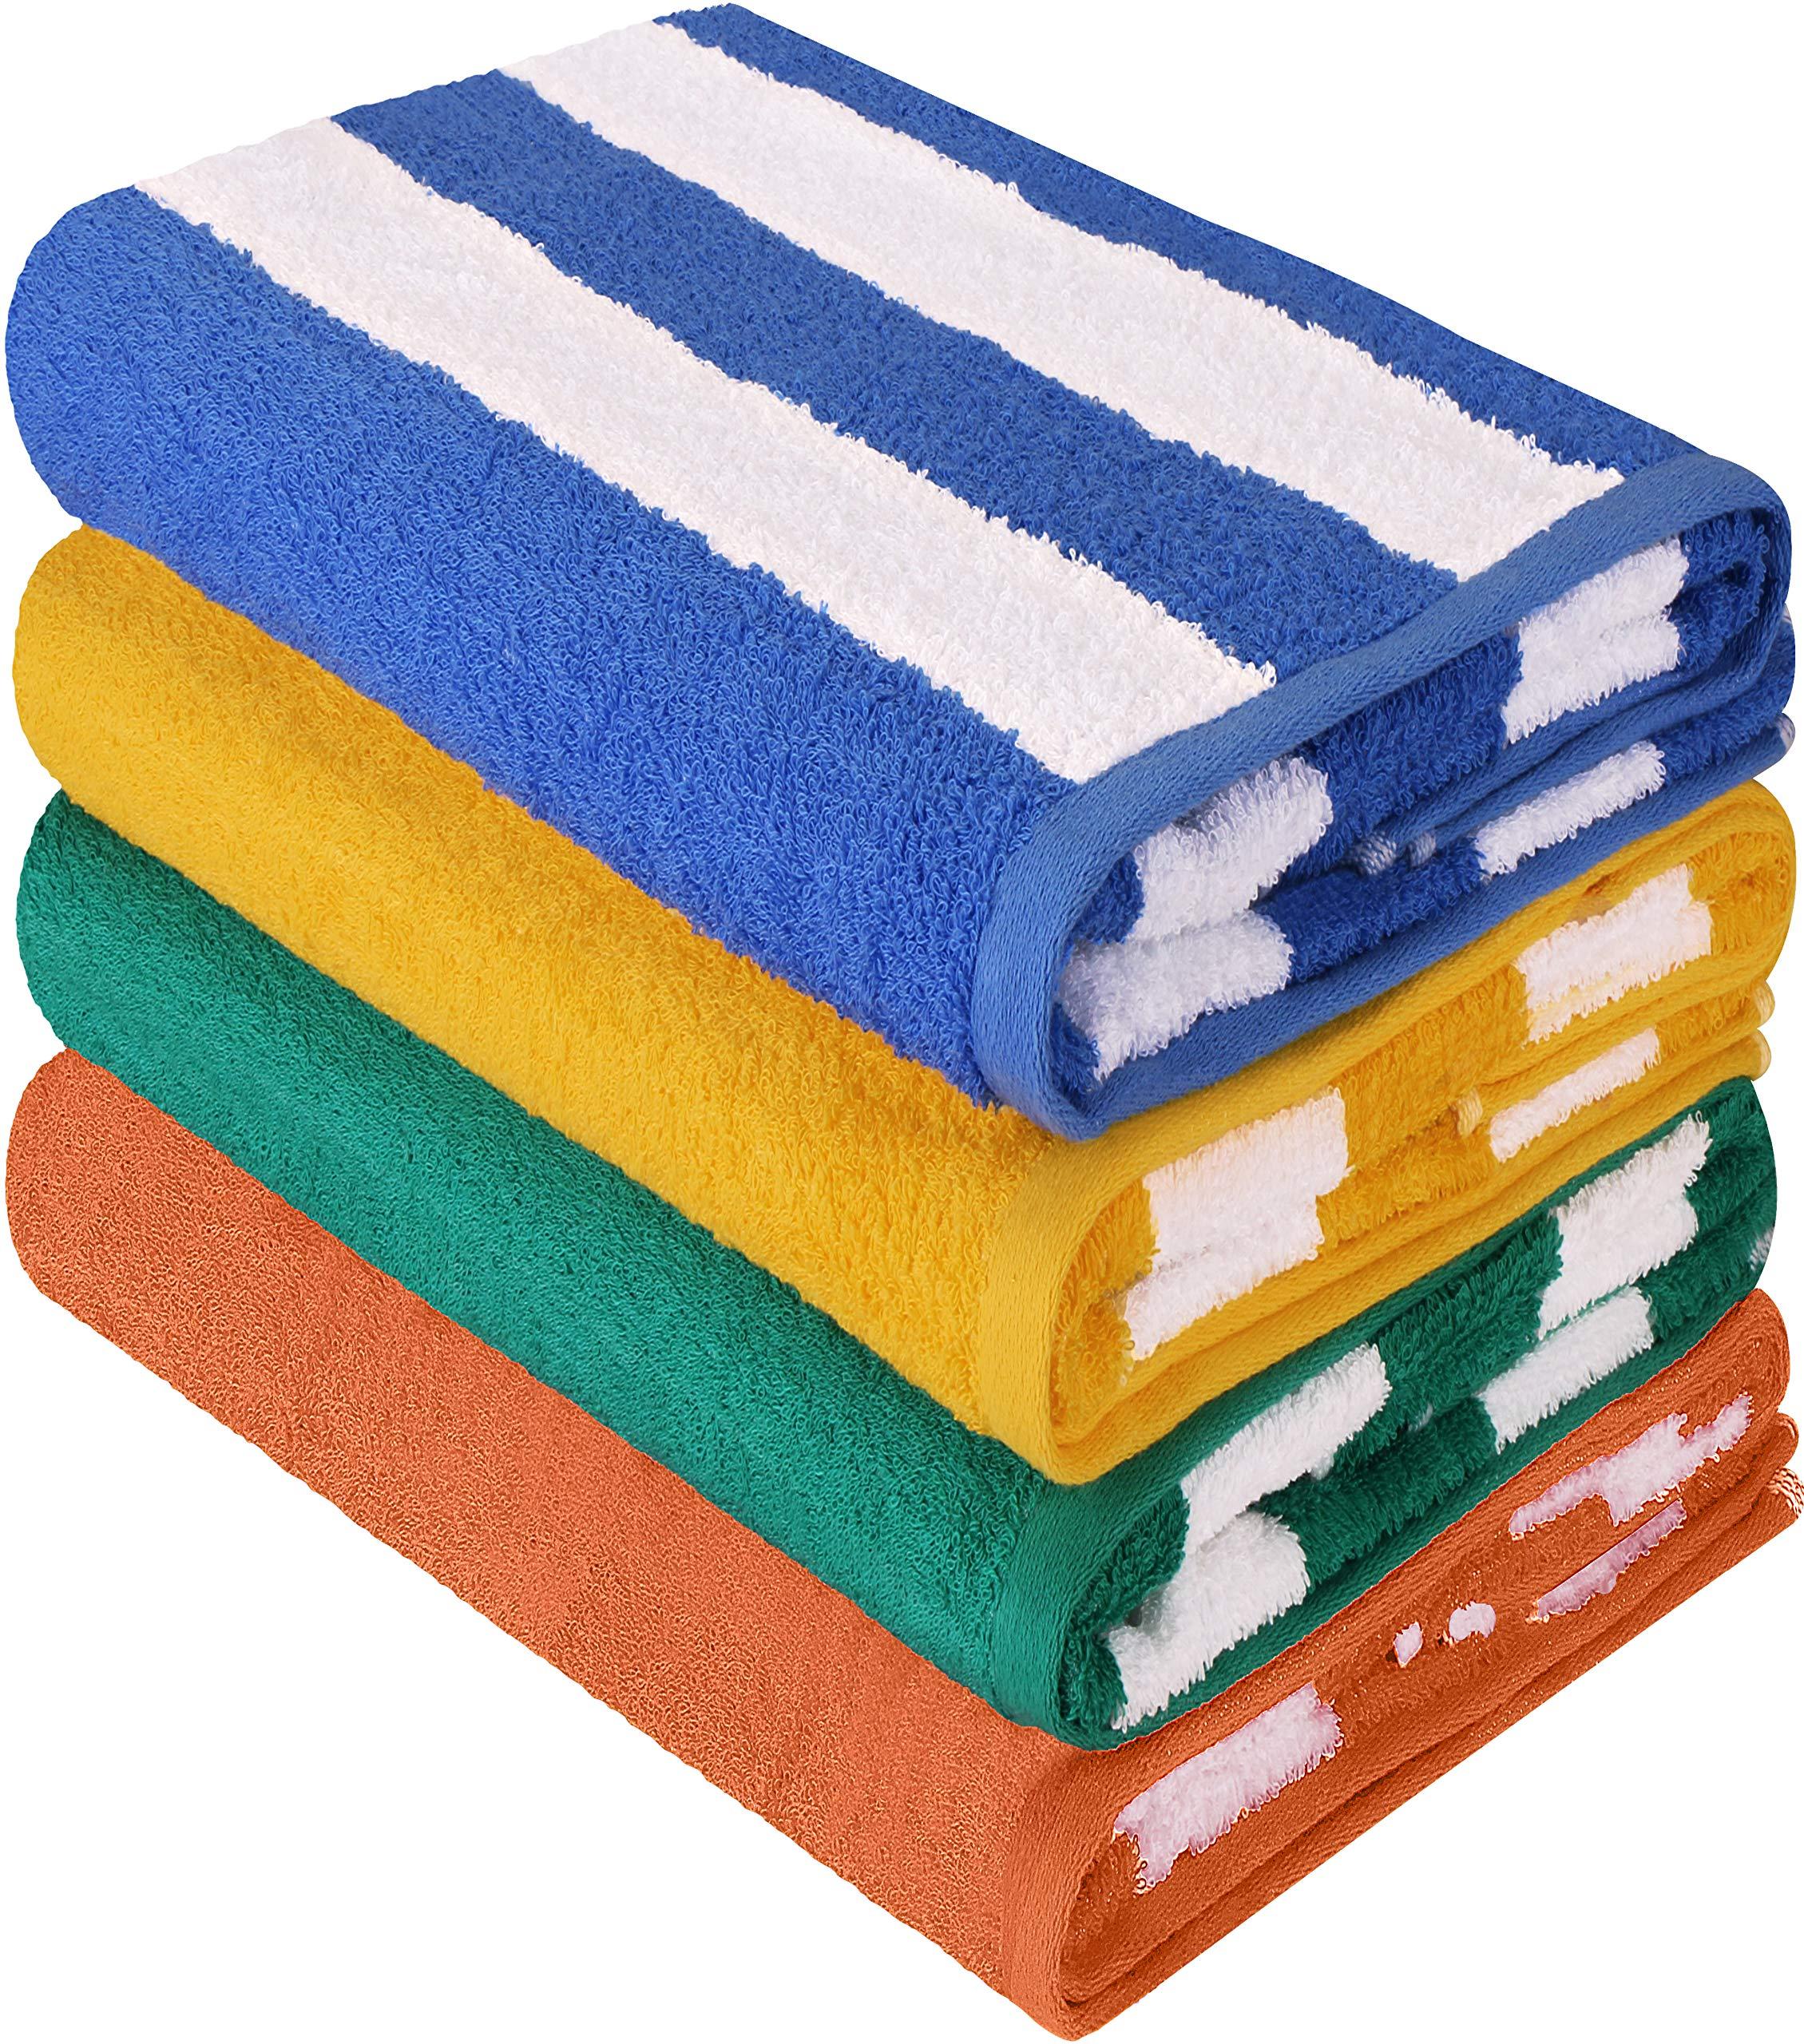 Utopia Towels - Toalla de piscina grande con toalla de playa en Cabana Stripe, paquete de 4, 100% algodón, cuidado fácil, máxima suavidad y absorbencia (76 x 152 cm - Variedad) product image